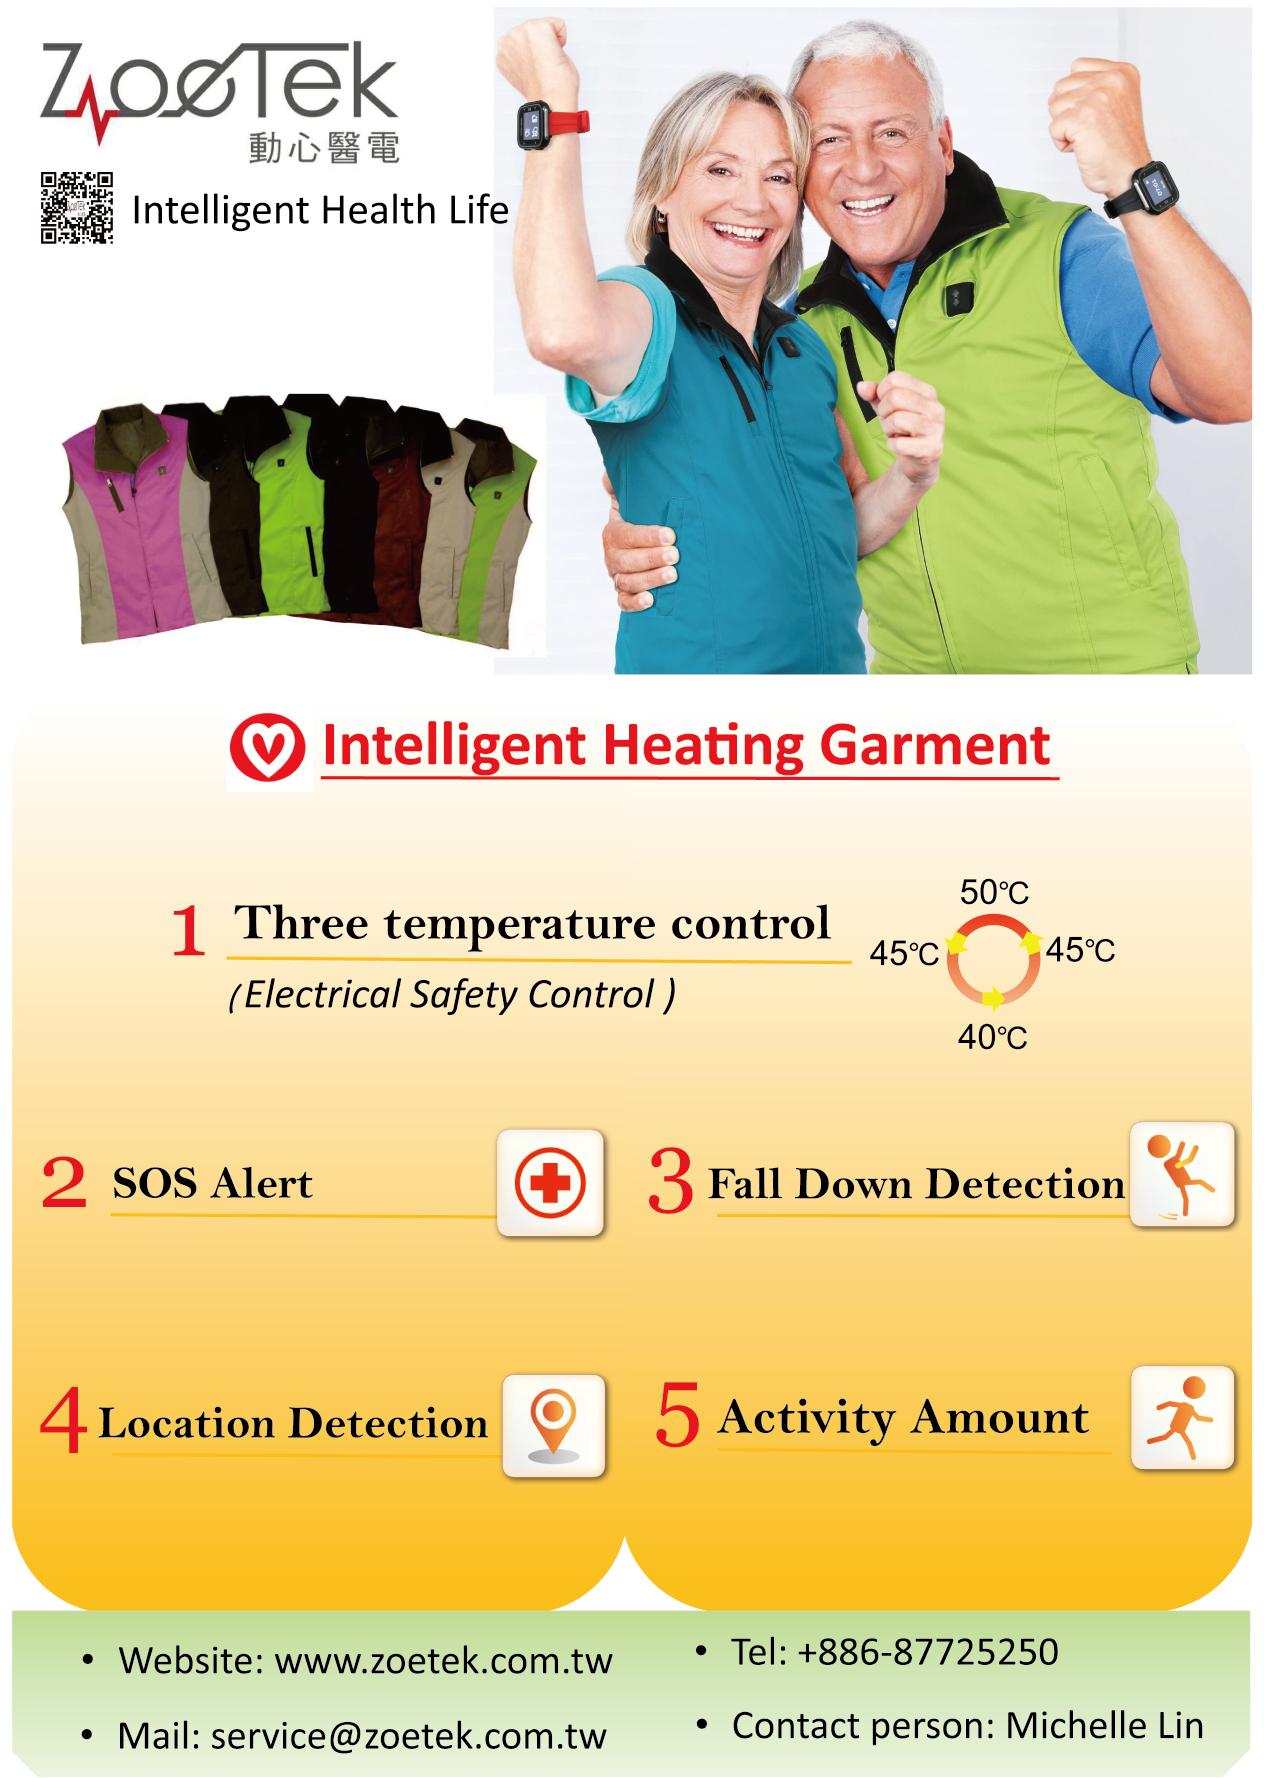 智慧健康保暖衣: 三段溫控/緊急求救/跌倒偵測/定位偵測/計步器五大能